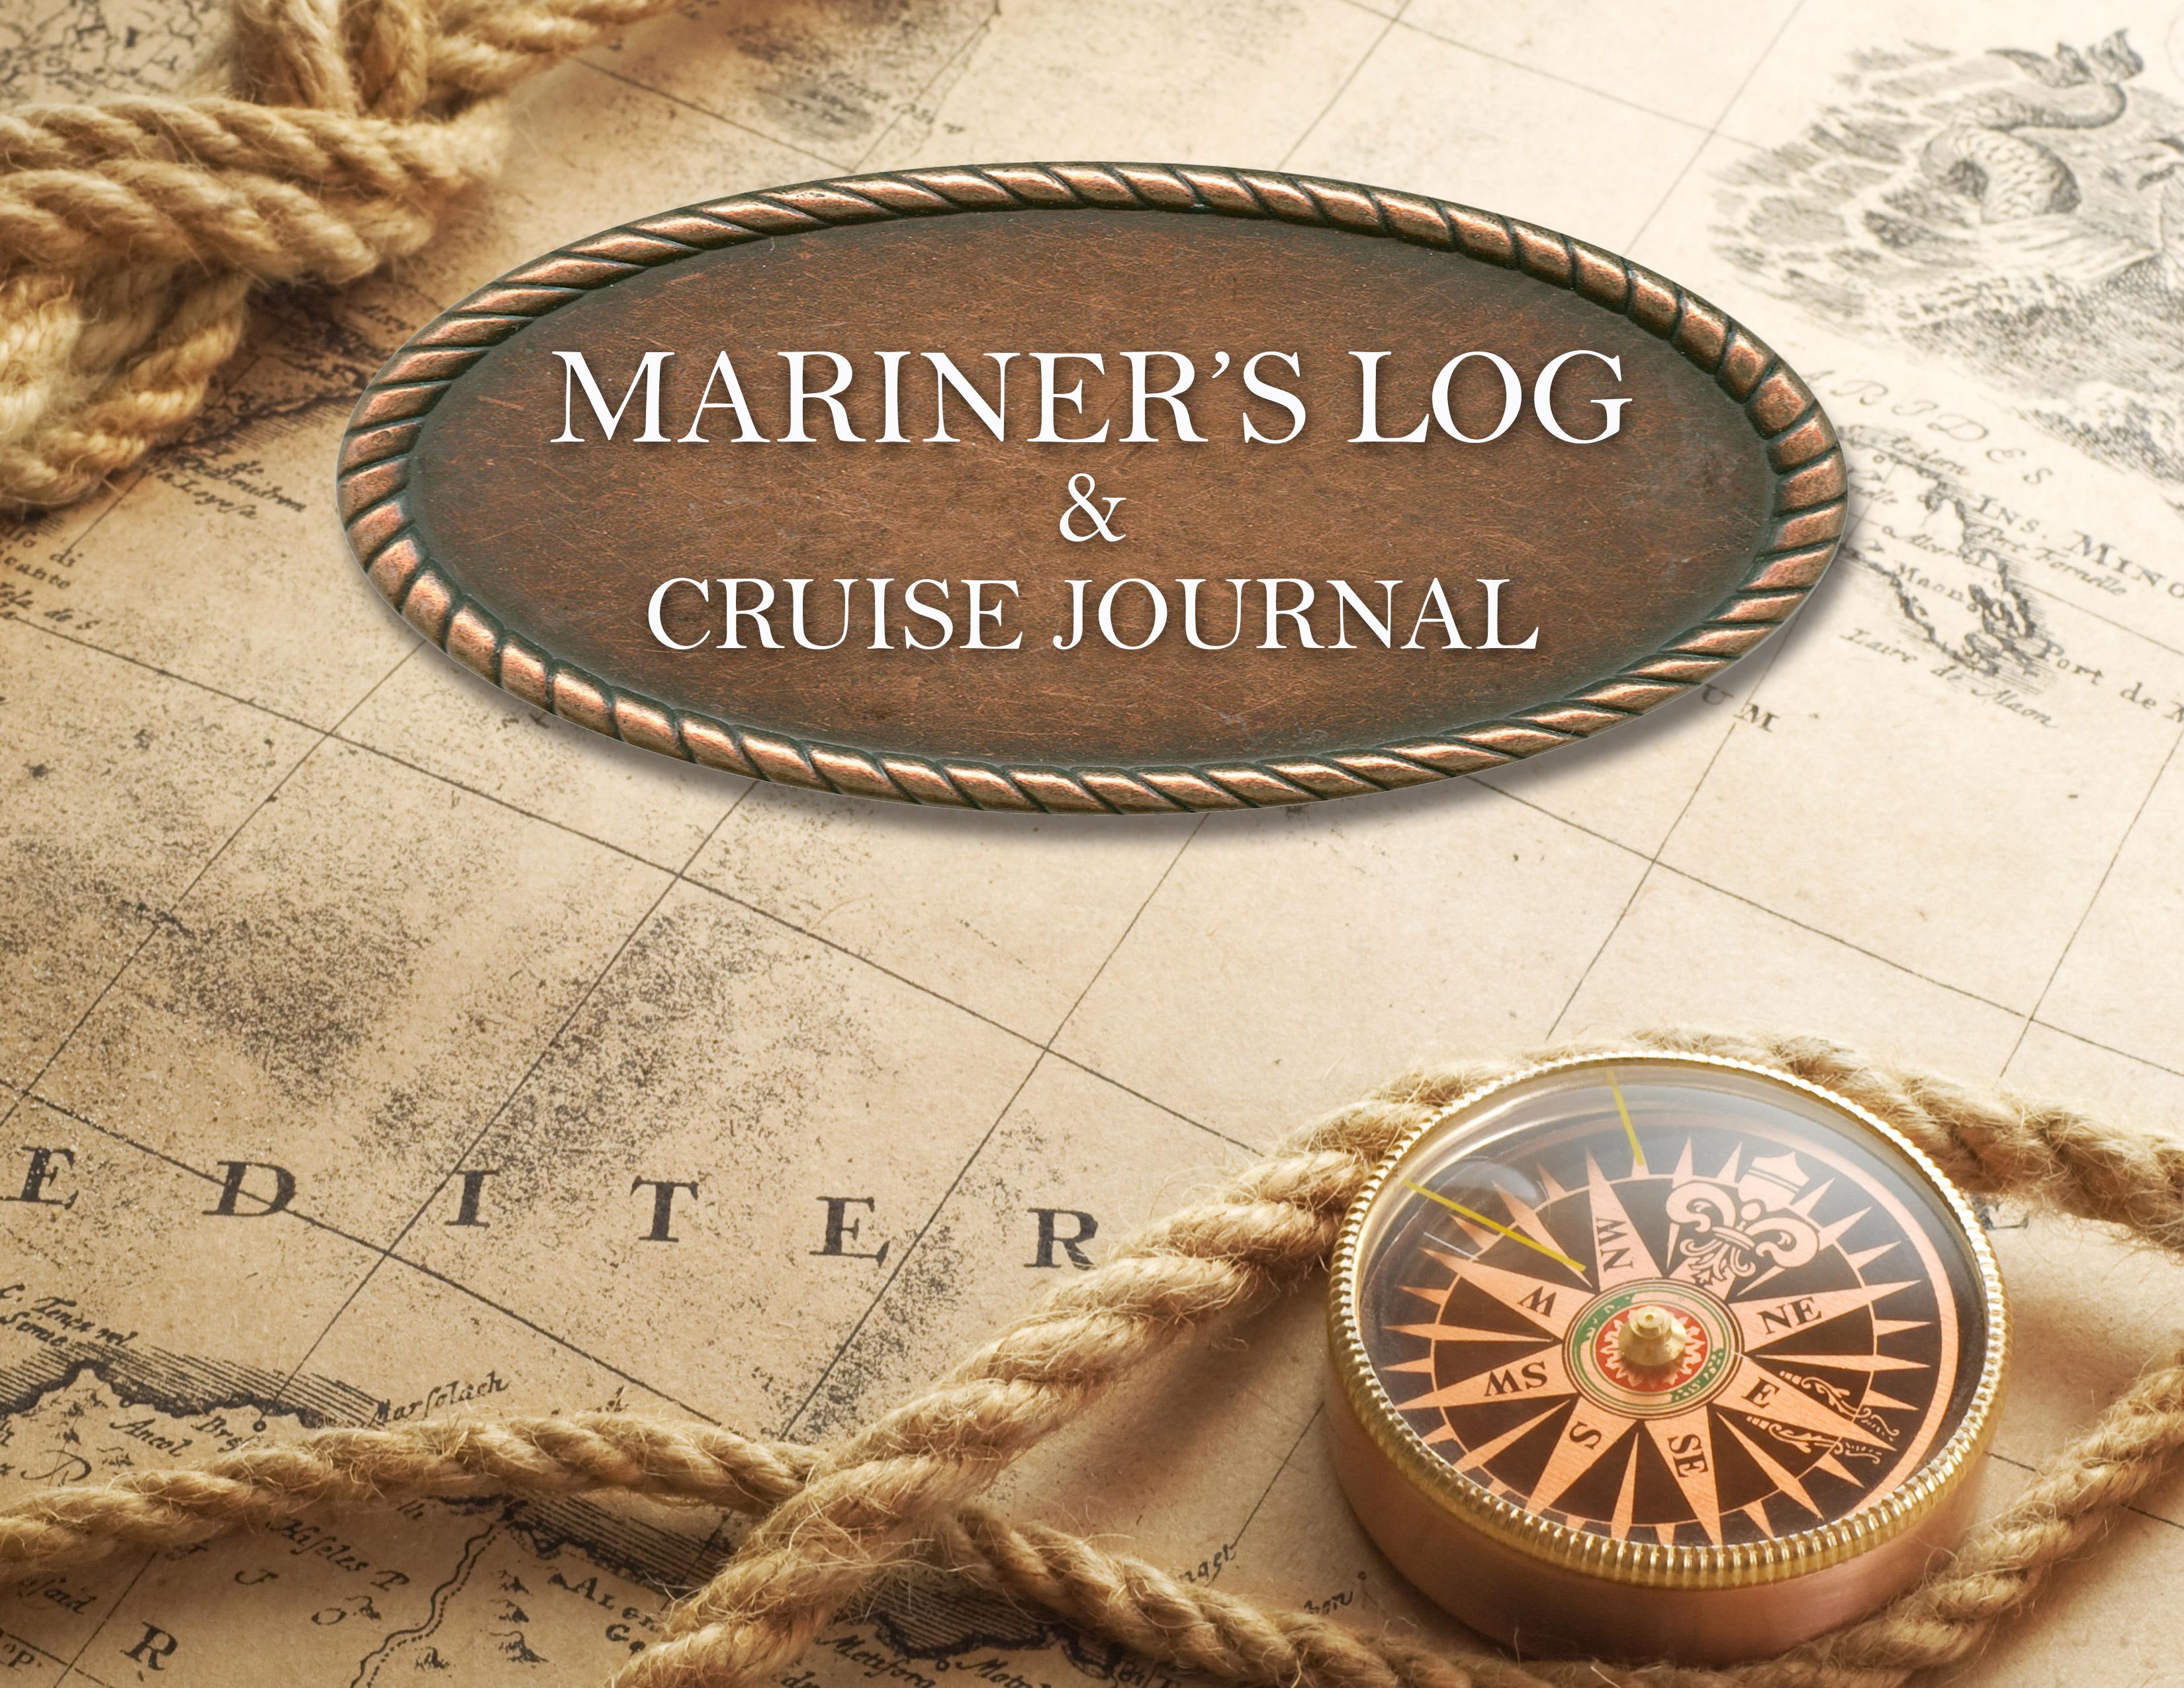 Logbooks, Mariner's Log & Cruise Journal